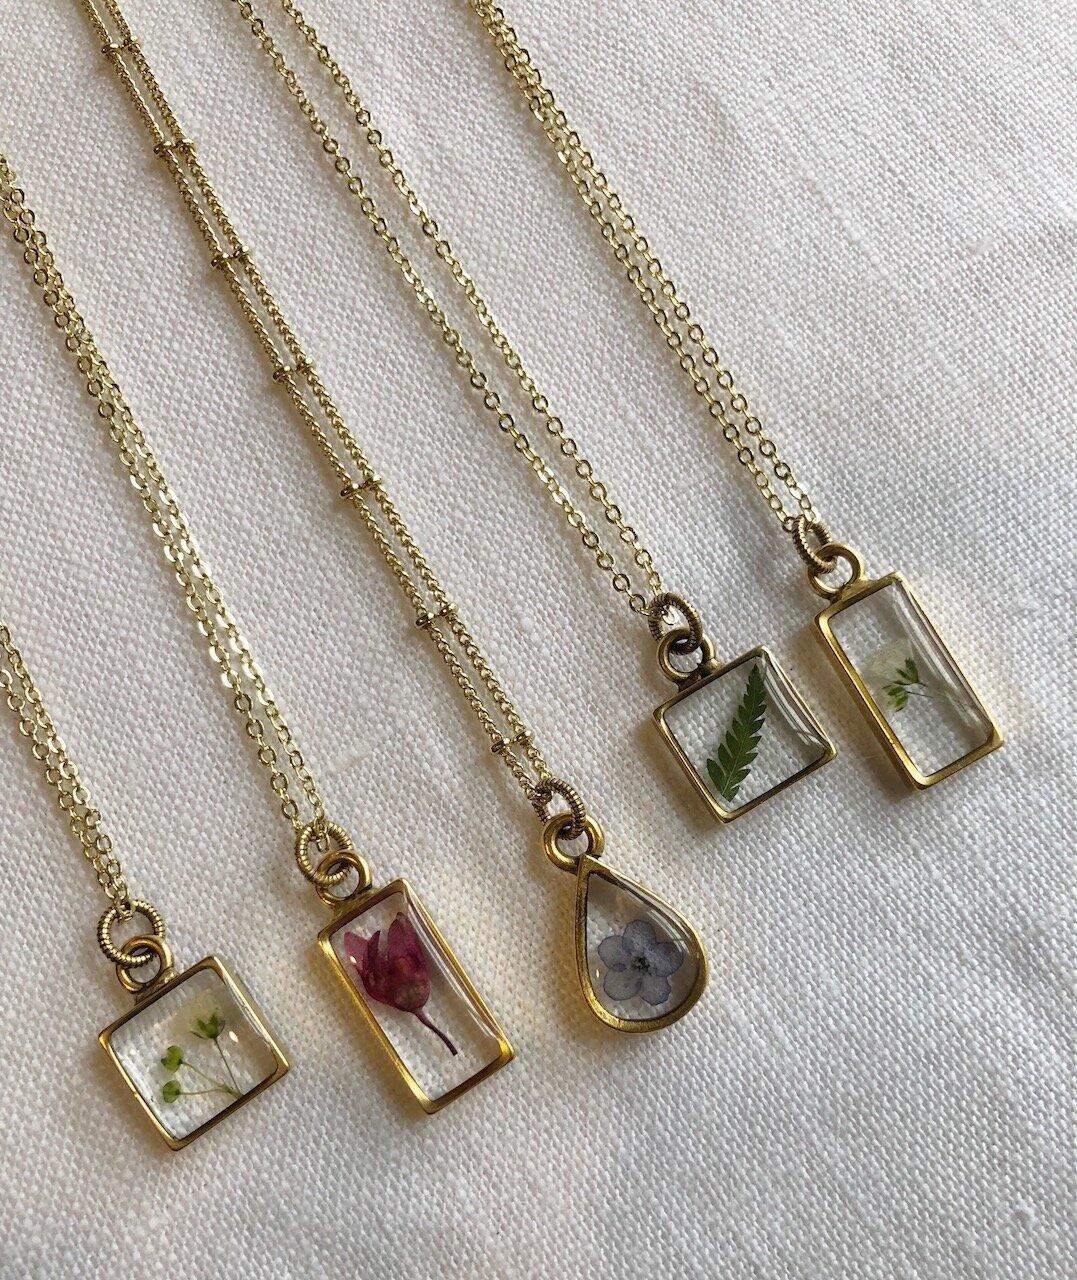 pope_whitney_botanical necklaces.jpeg